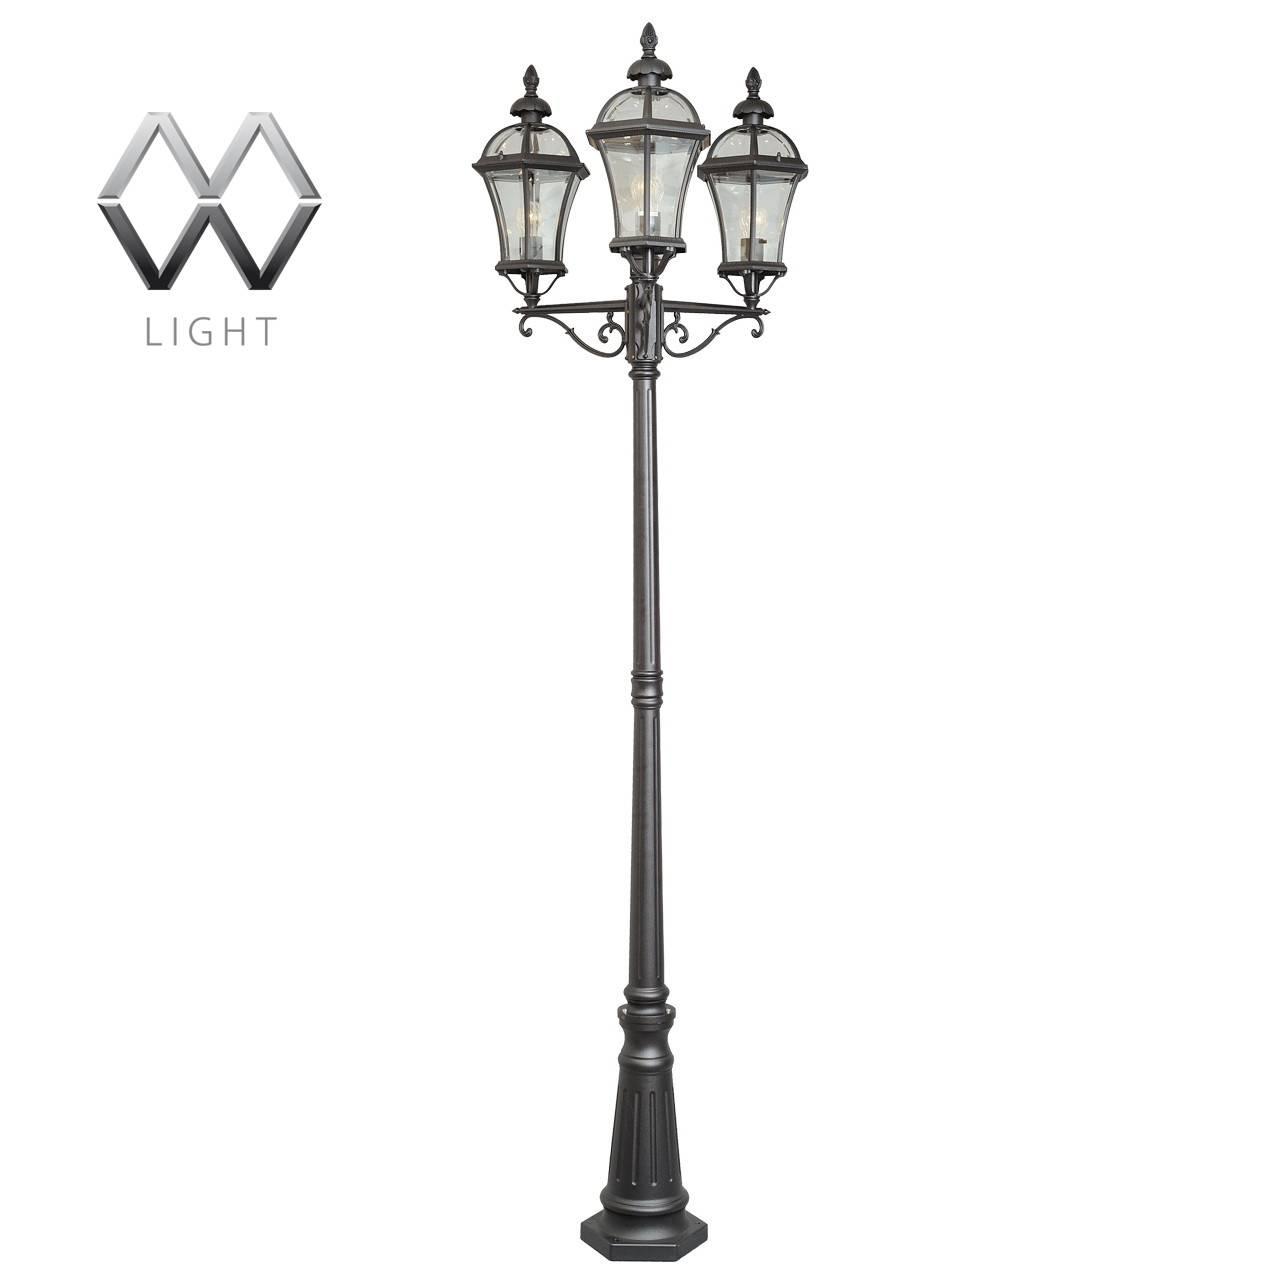 Садово-парковый светильник MW-Light Сандра 811040703 садово парковый светильник столб 100w e27 230v белый feron 4210 11033